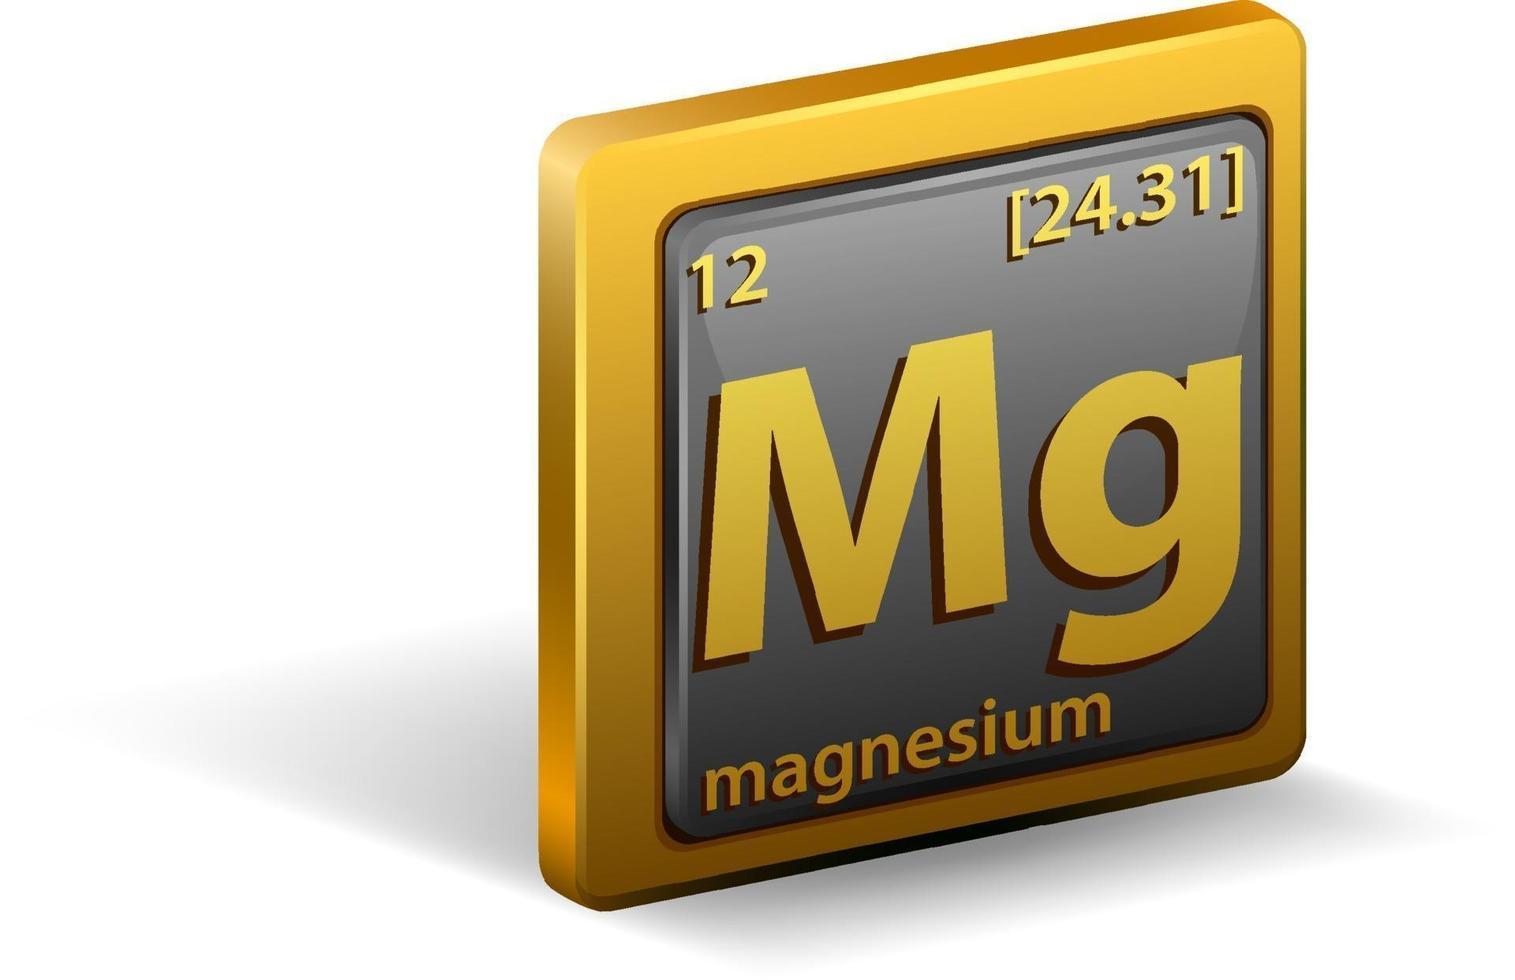 magnesium kemiskt element. kemisk symbol med atomnummer och atommassa. vektor